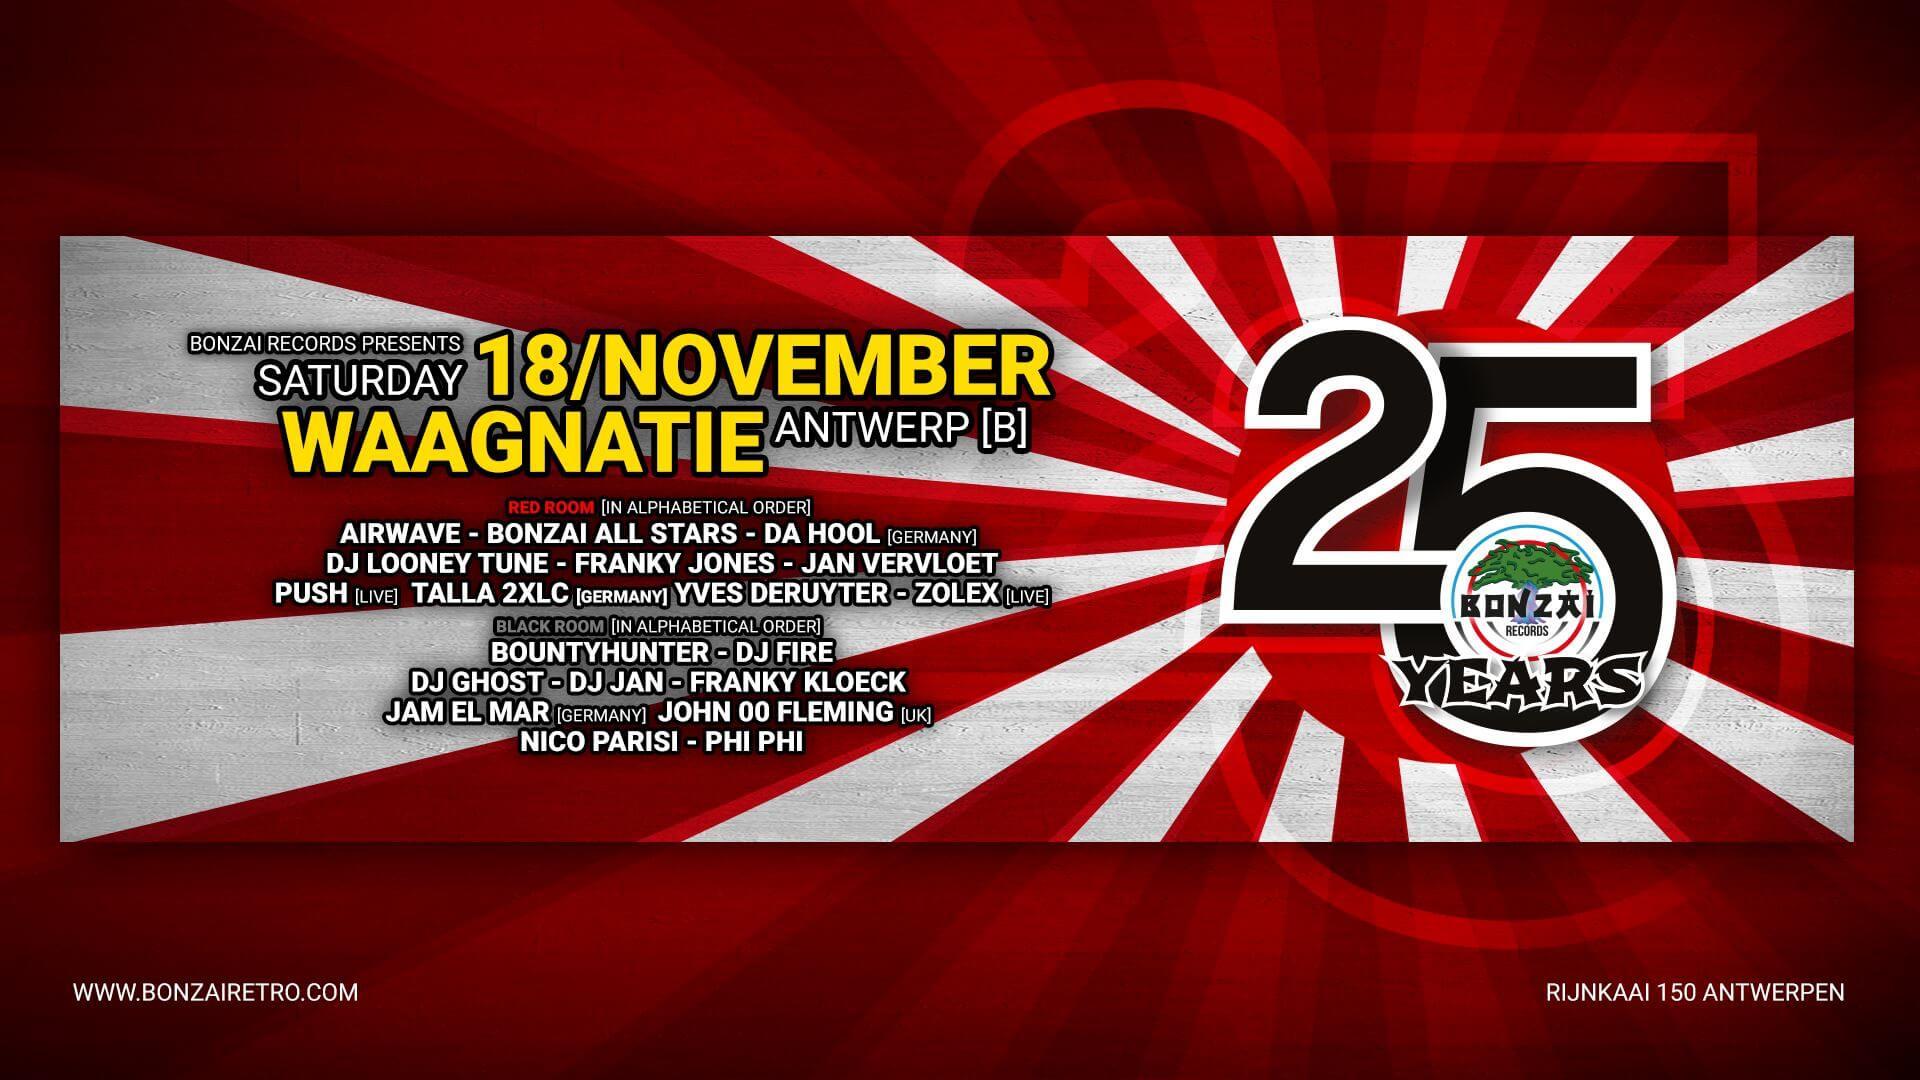 Bonzai Records presents 25 Years Bonzai at Bonzai Retro, Waagnatie, Antwerp, Belgium on 18th of November 2017 banner